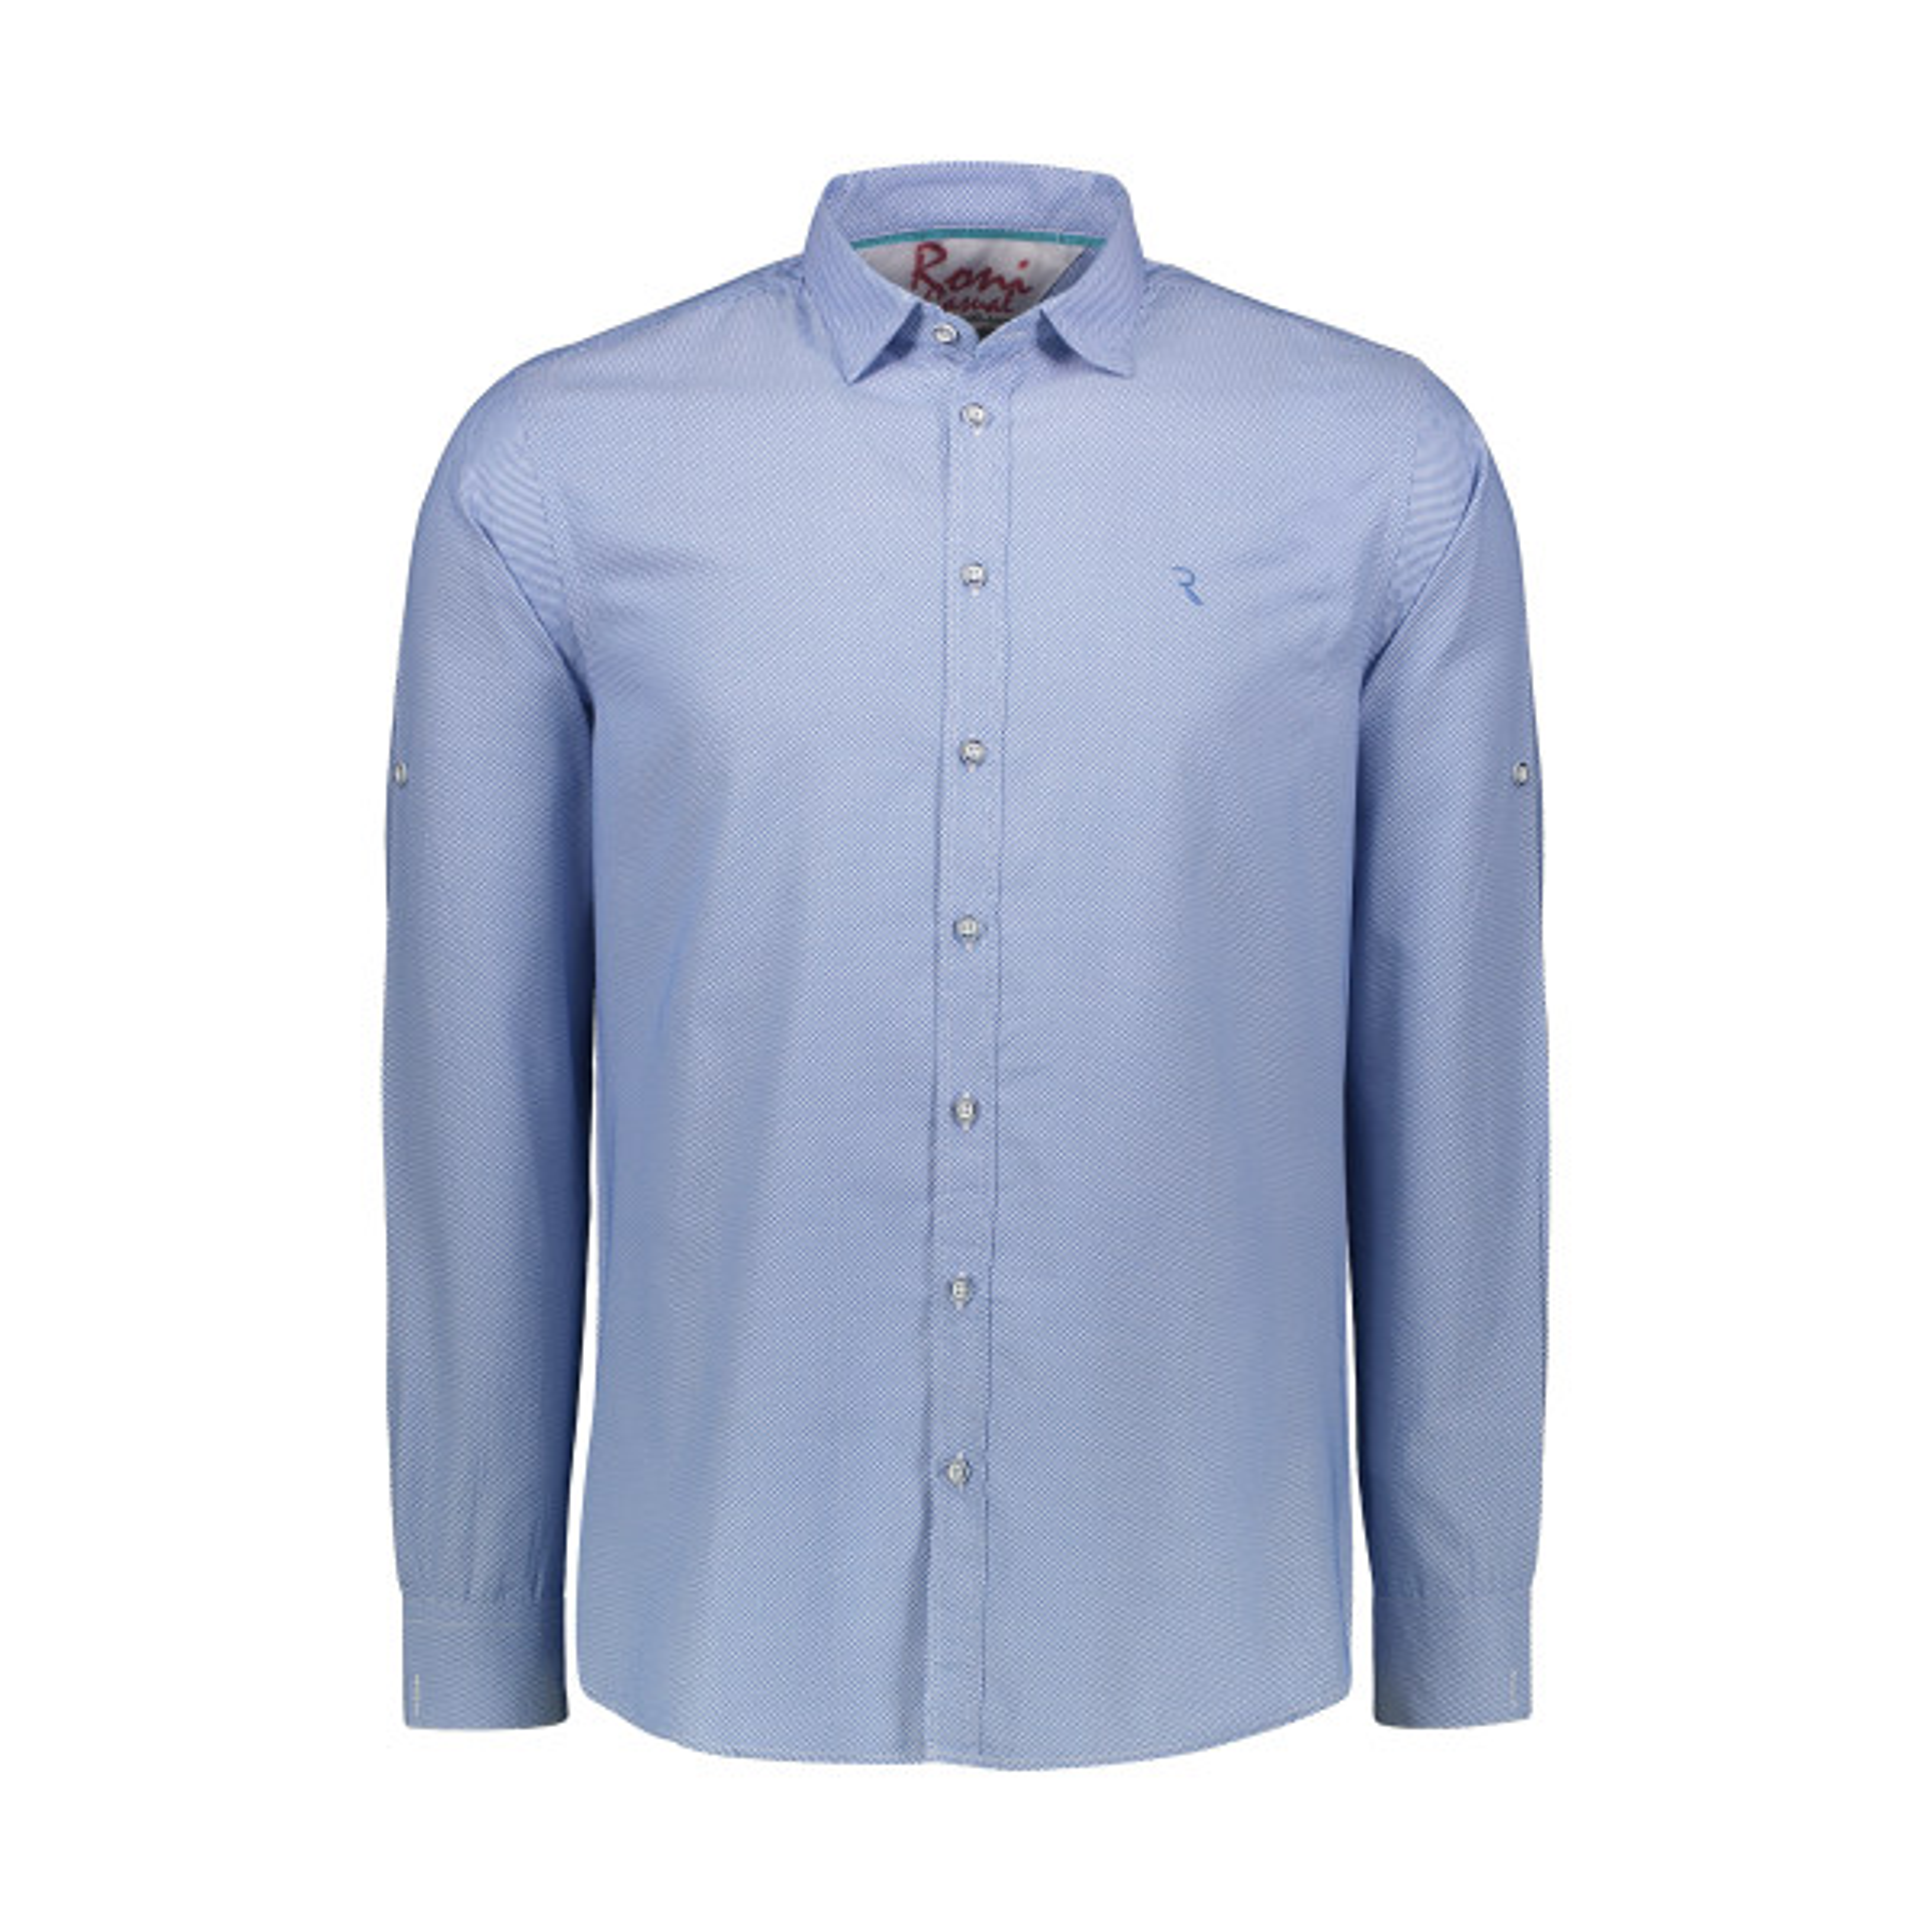 پیراهن مردانه رونی مدل 11110172-26